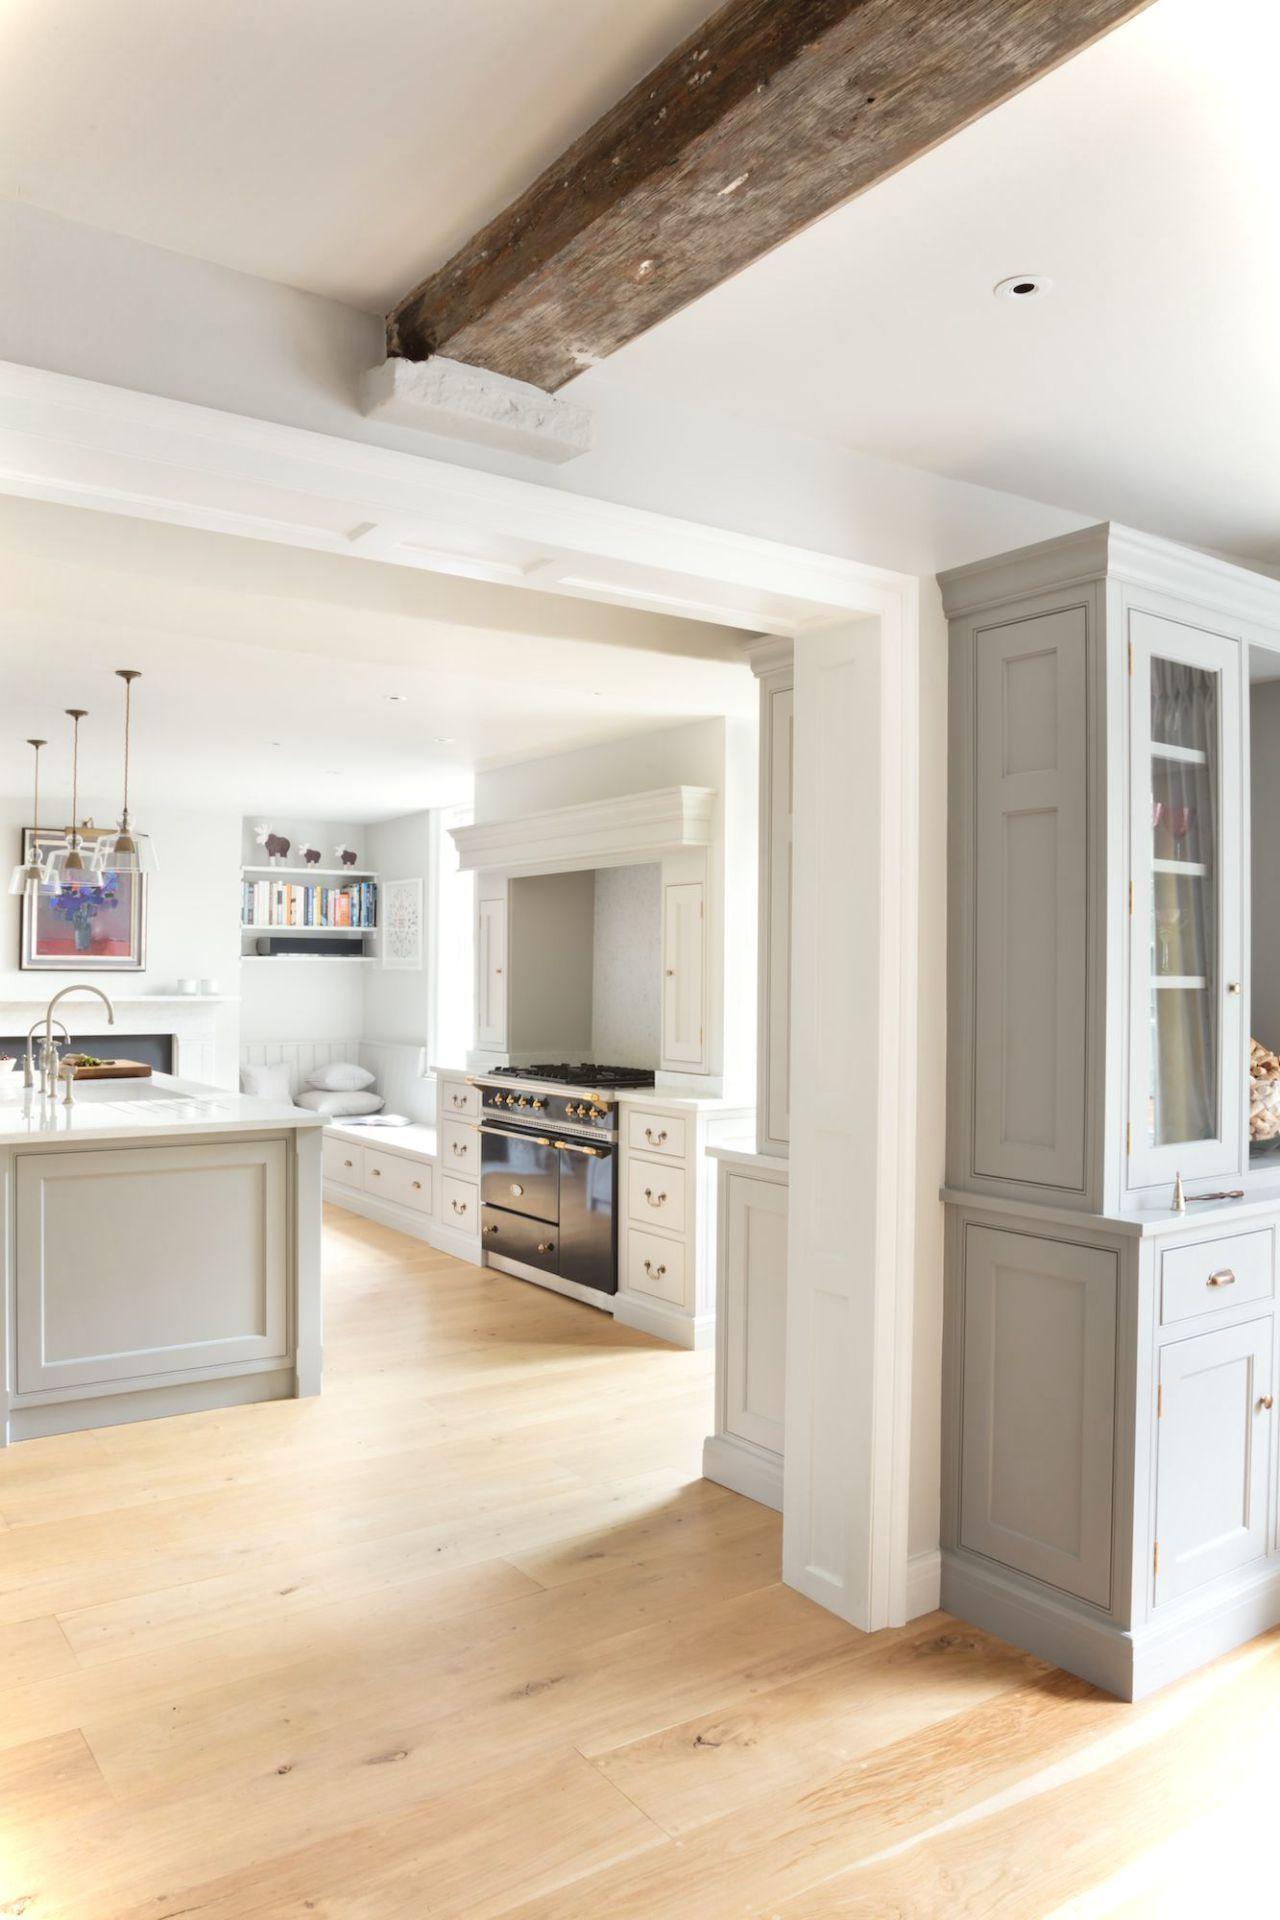 059 Cottage Kitchen Cabinets Ideas Farmhouse Style Cottage Kitchen Cabinets Kitchen Design Georgian Interiors